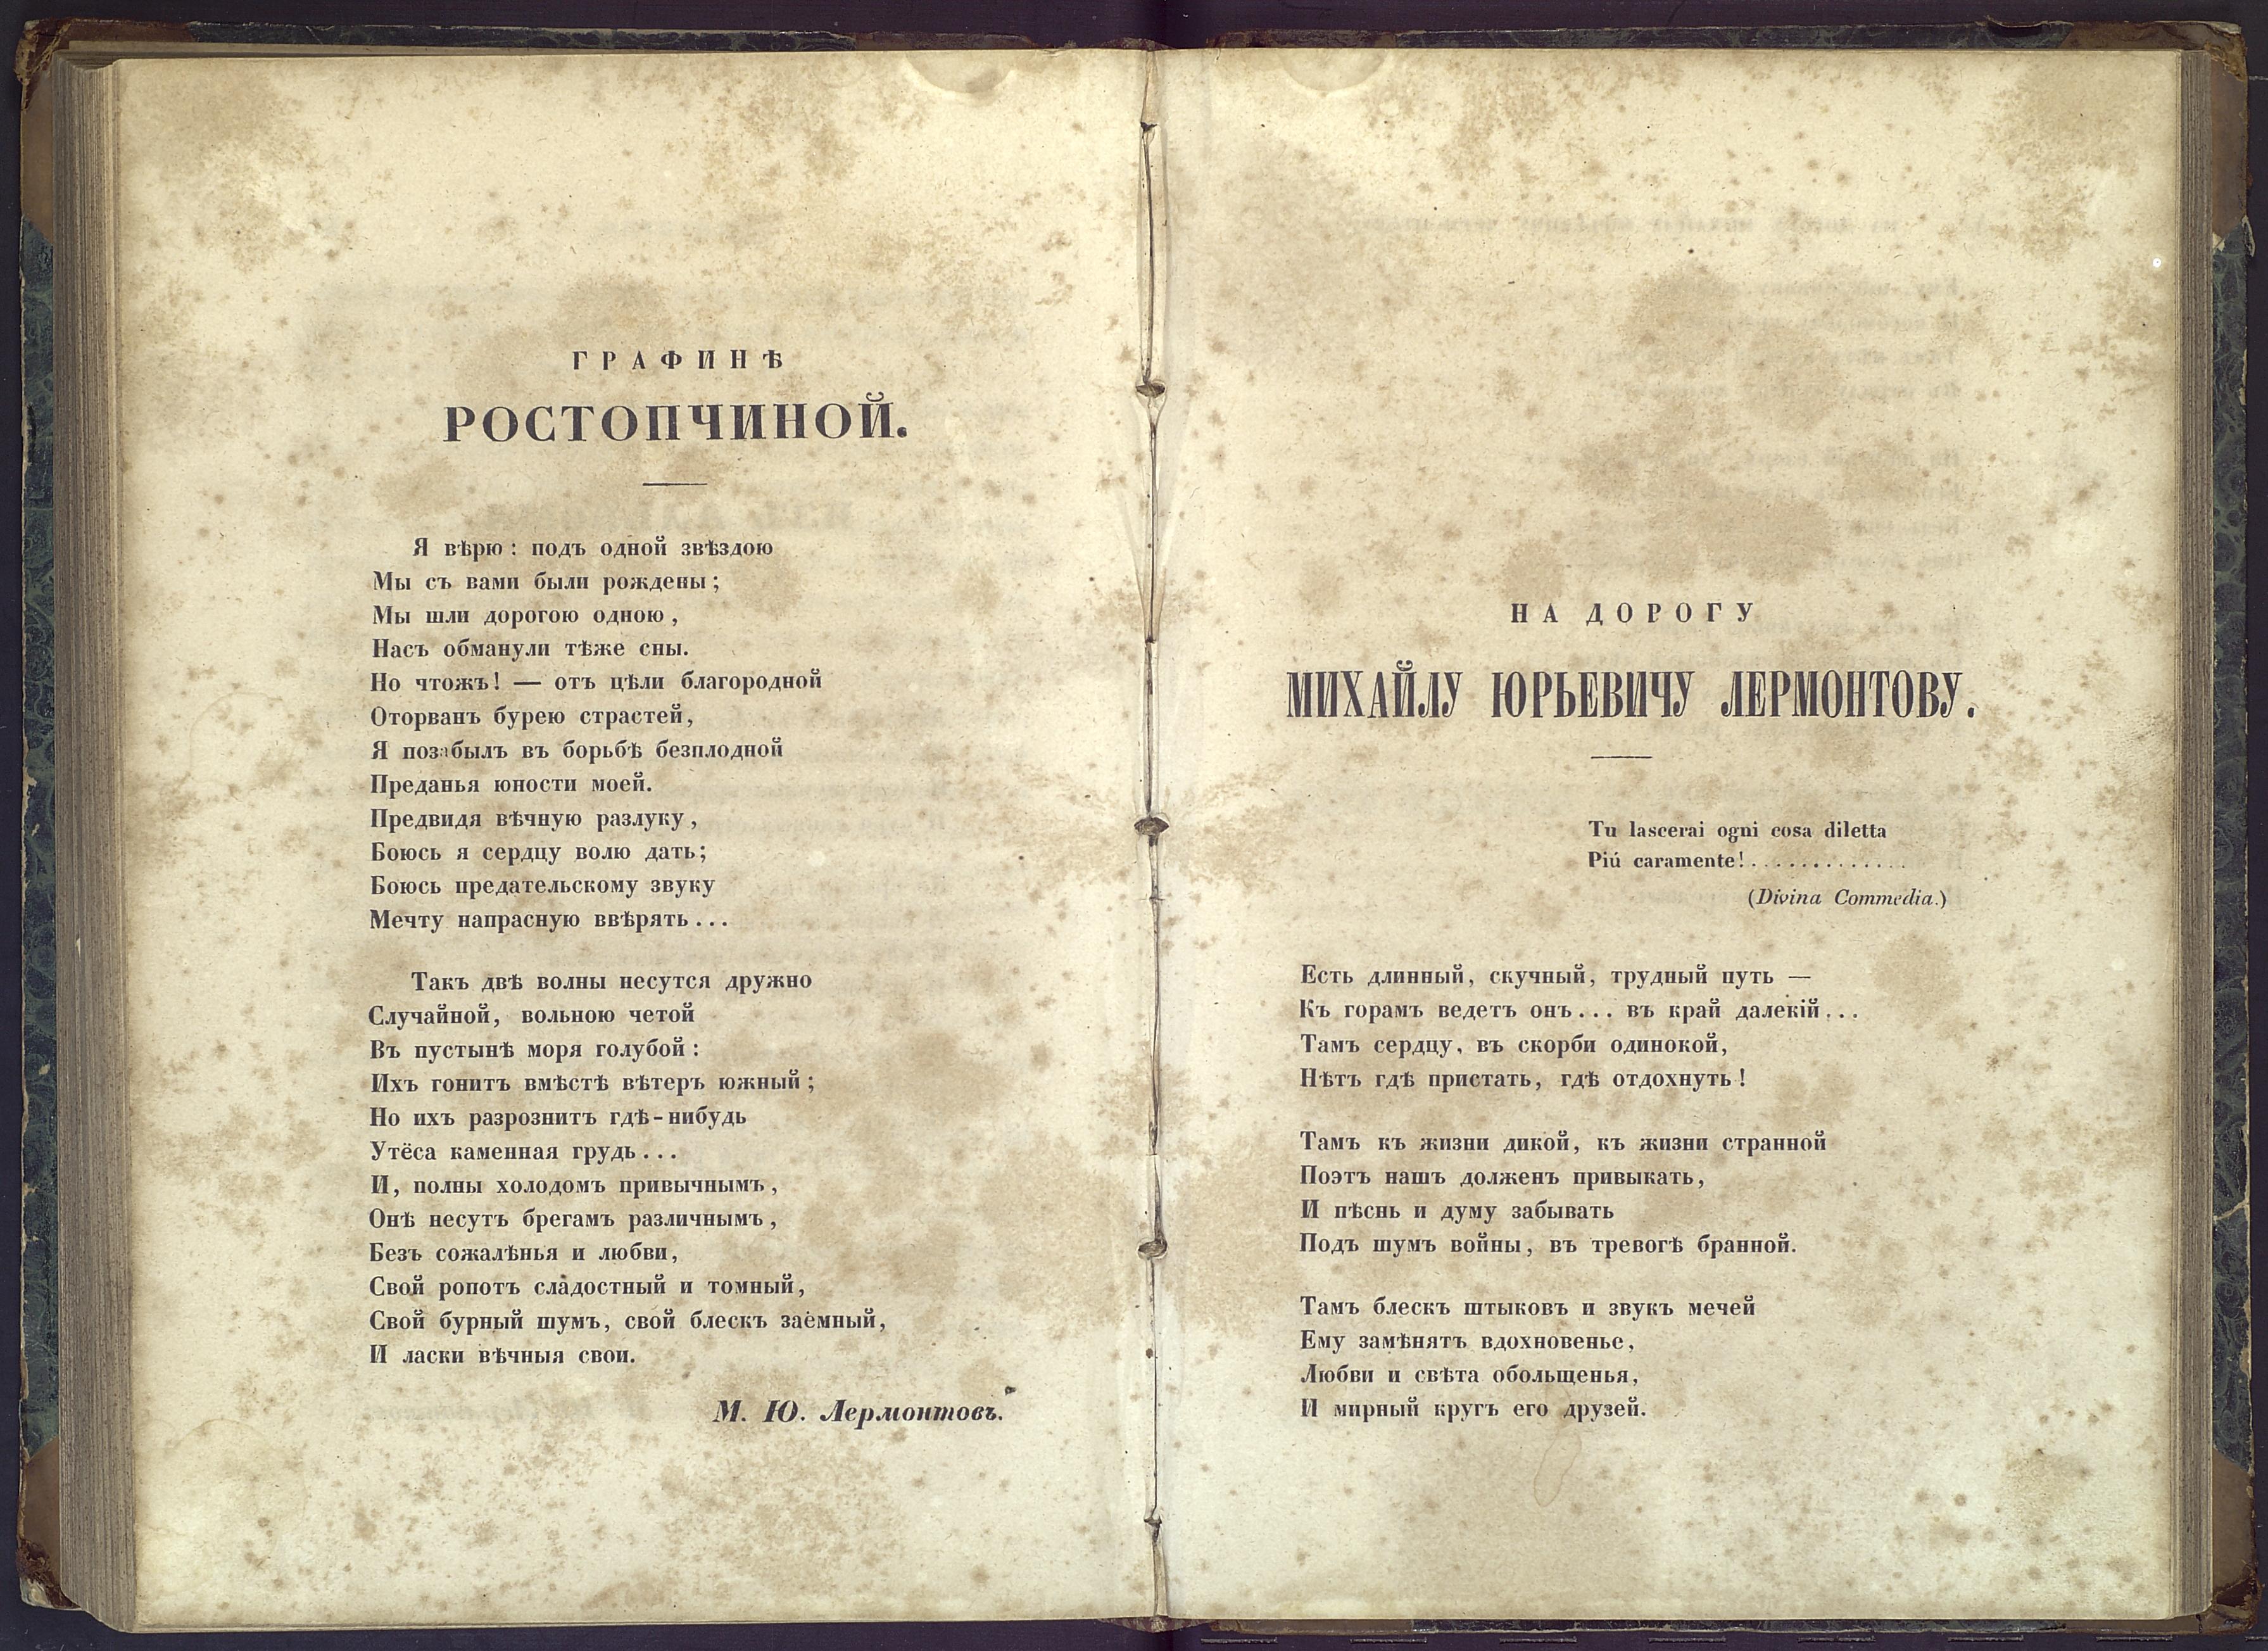 ЛОК-6085 ТАРХАНЫ КП-12352  Журнал Русская беседа. Т. 2._4